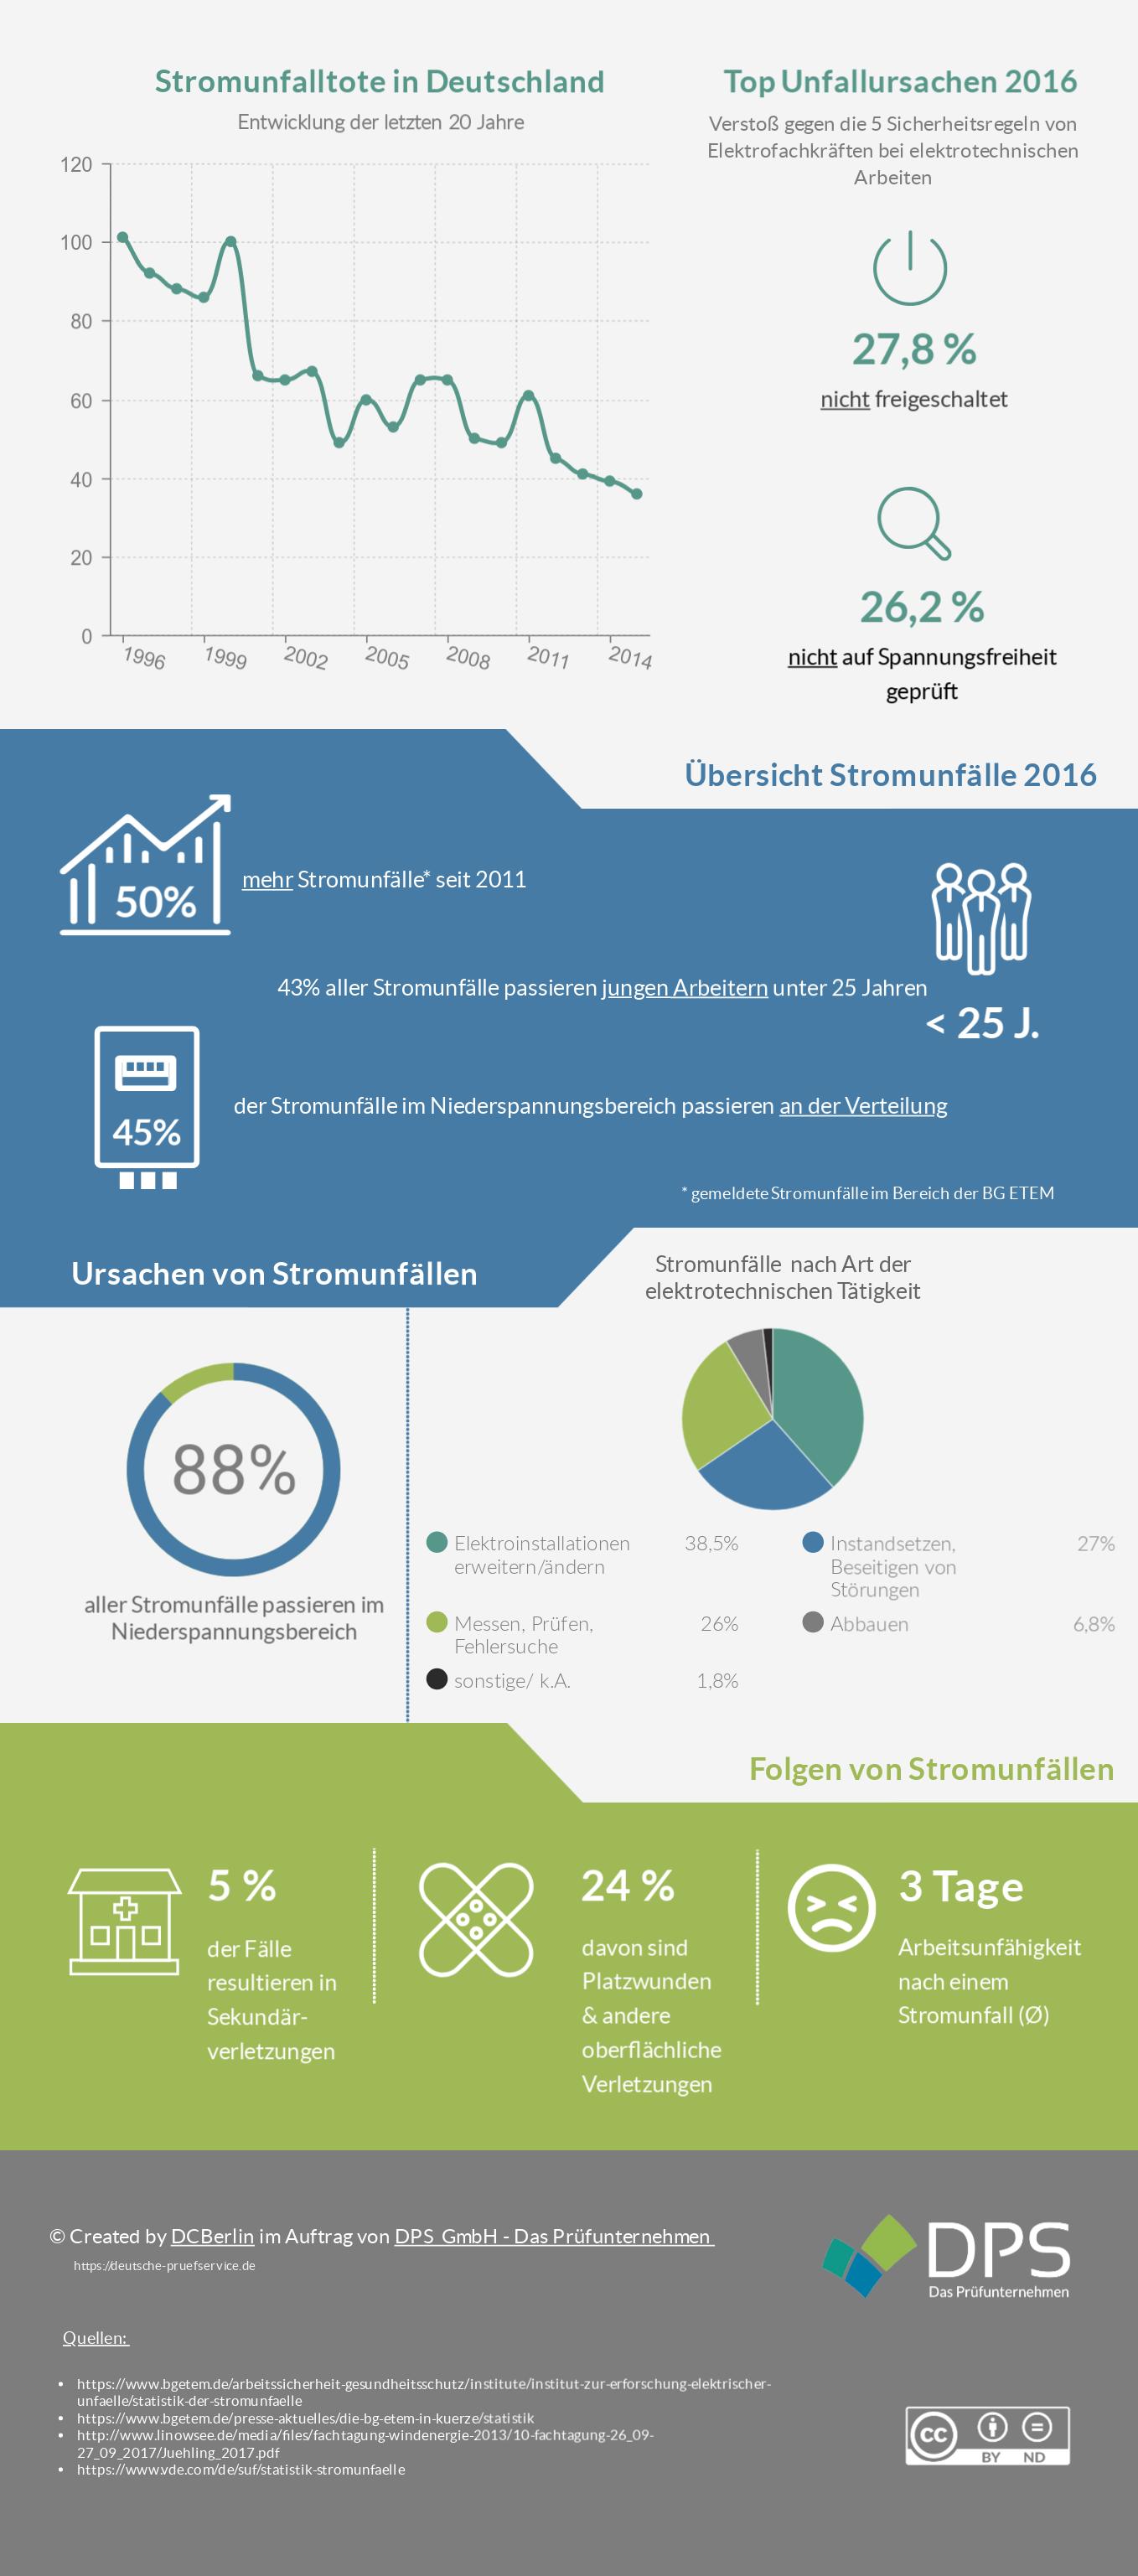 Infografik zu Stromunfällen mit Stromschlag in Deutschland